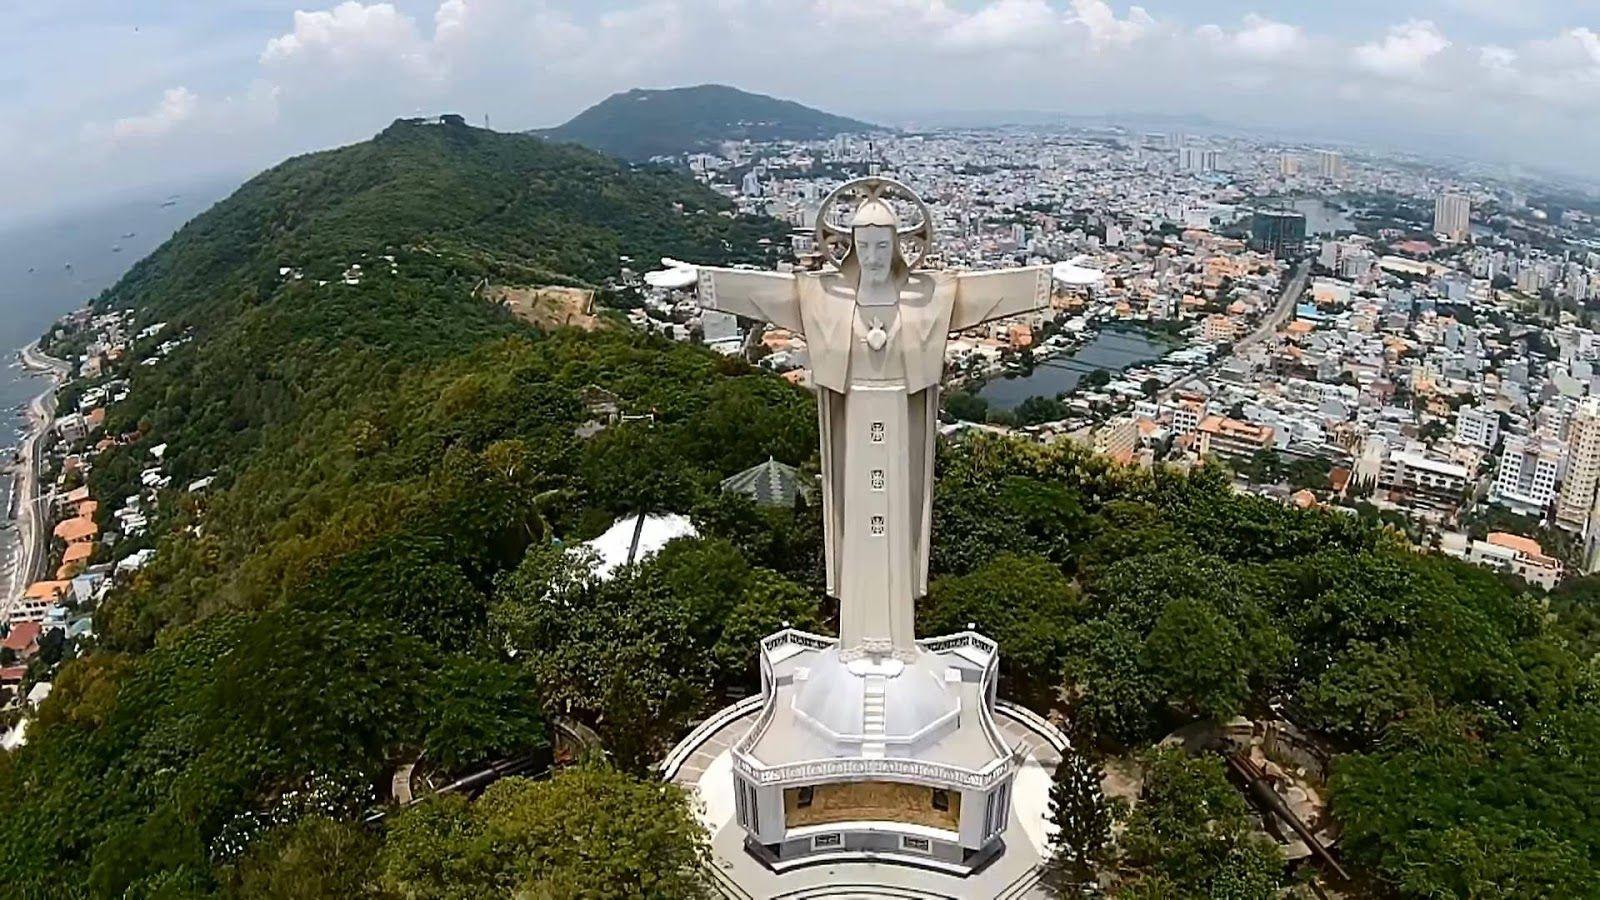 Núi nhỏ,tượng chúa Kito - Tour du lịch Vũng Tàu 2n1d